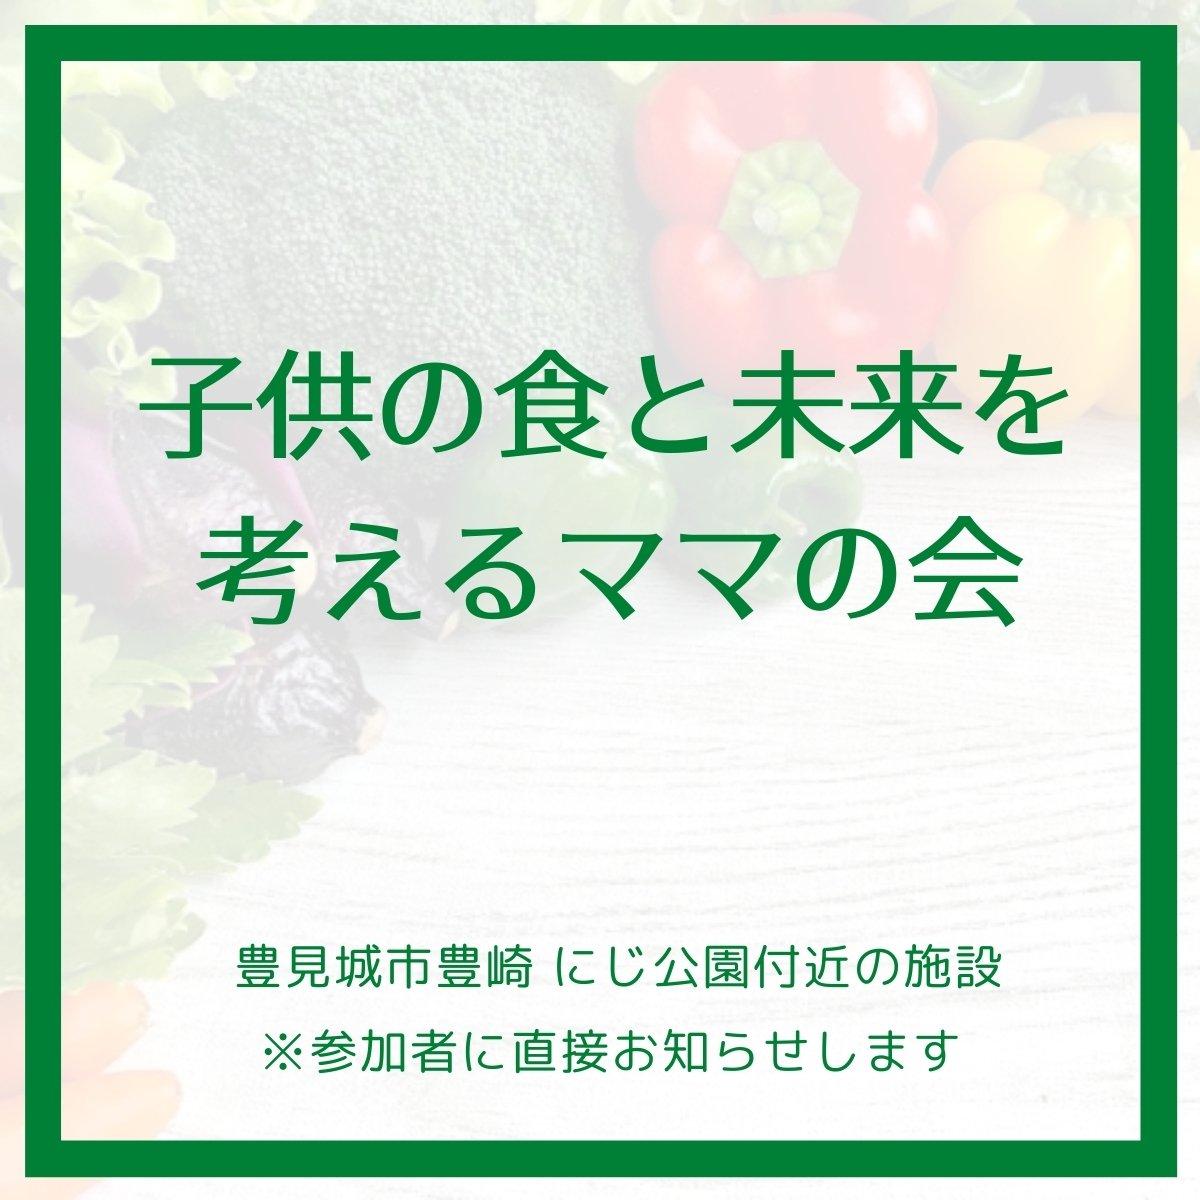 [複製][複製]2021/8月5日【木】10時〜子供の食と未来を考えるママの会のイメージその1